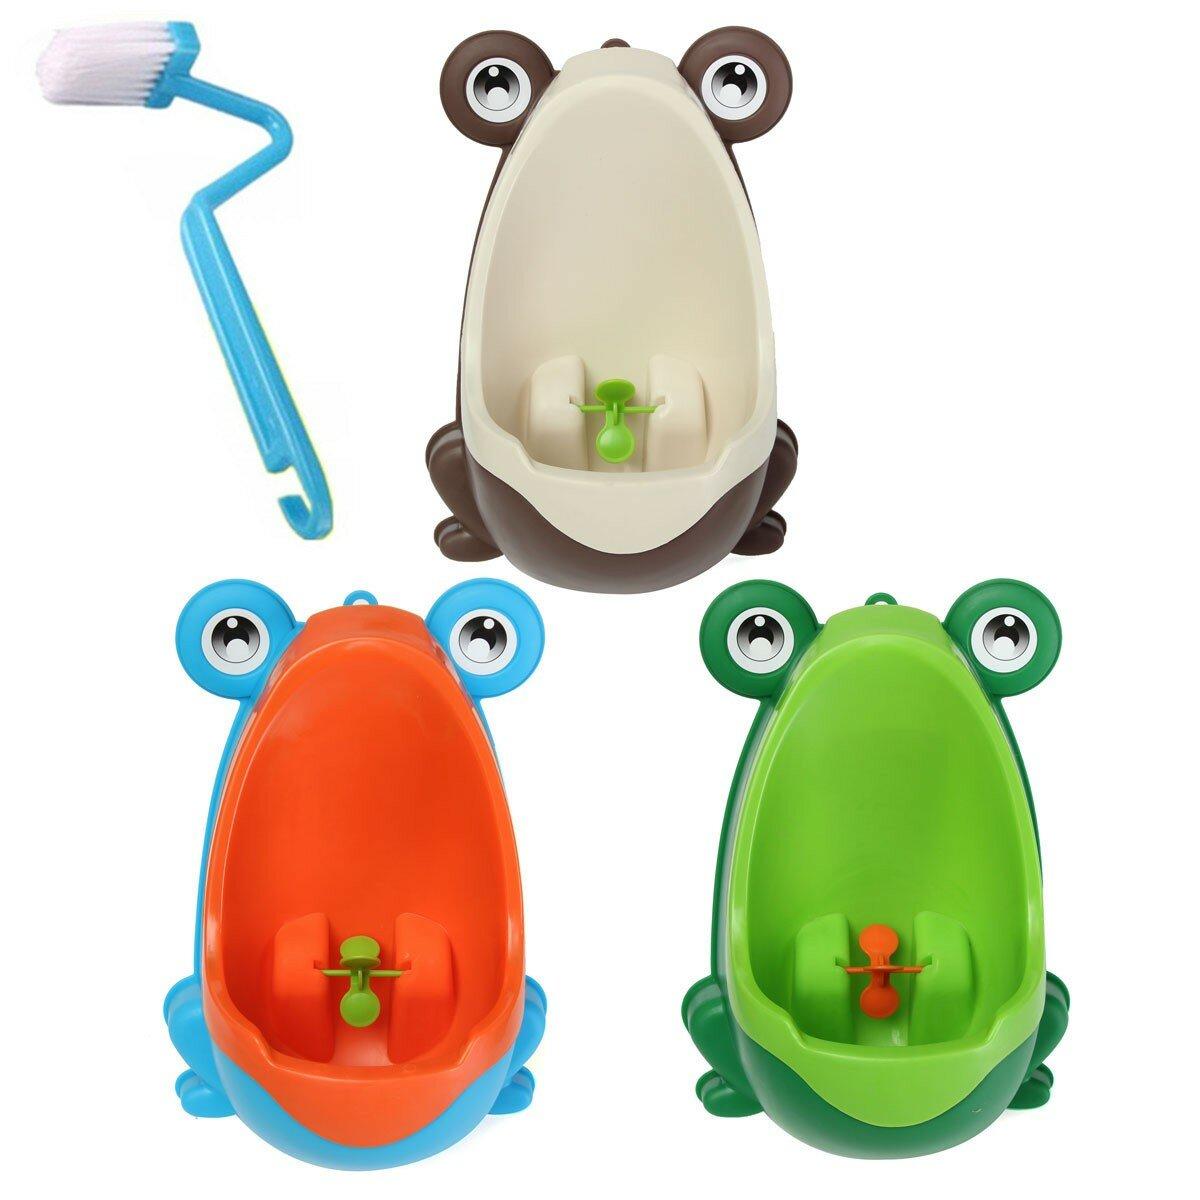 Adorables enfants de nettoyage de la brosse de toilette pot grenouille formation enfants urinoir enfant garçon pipi bain amovible